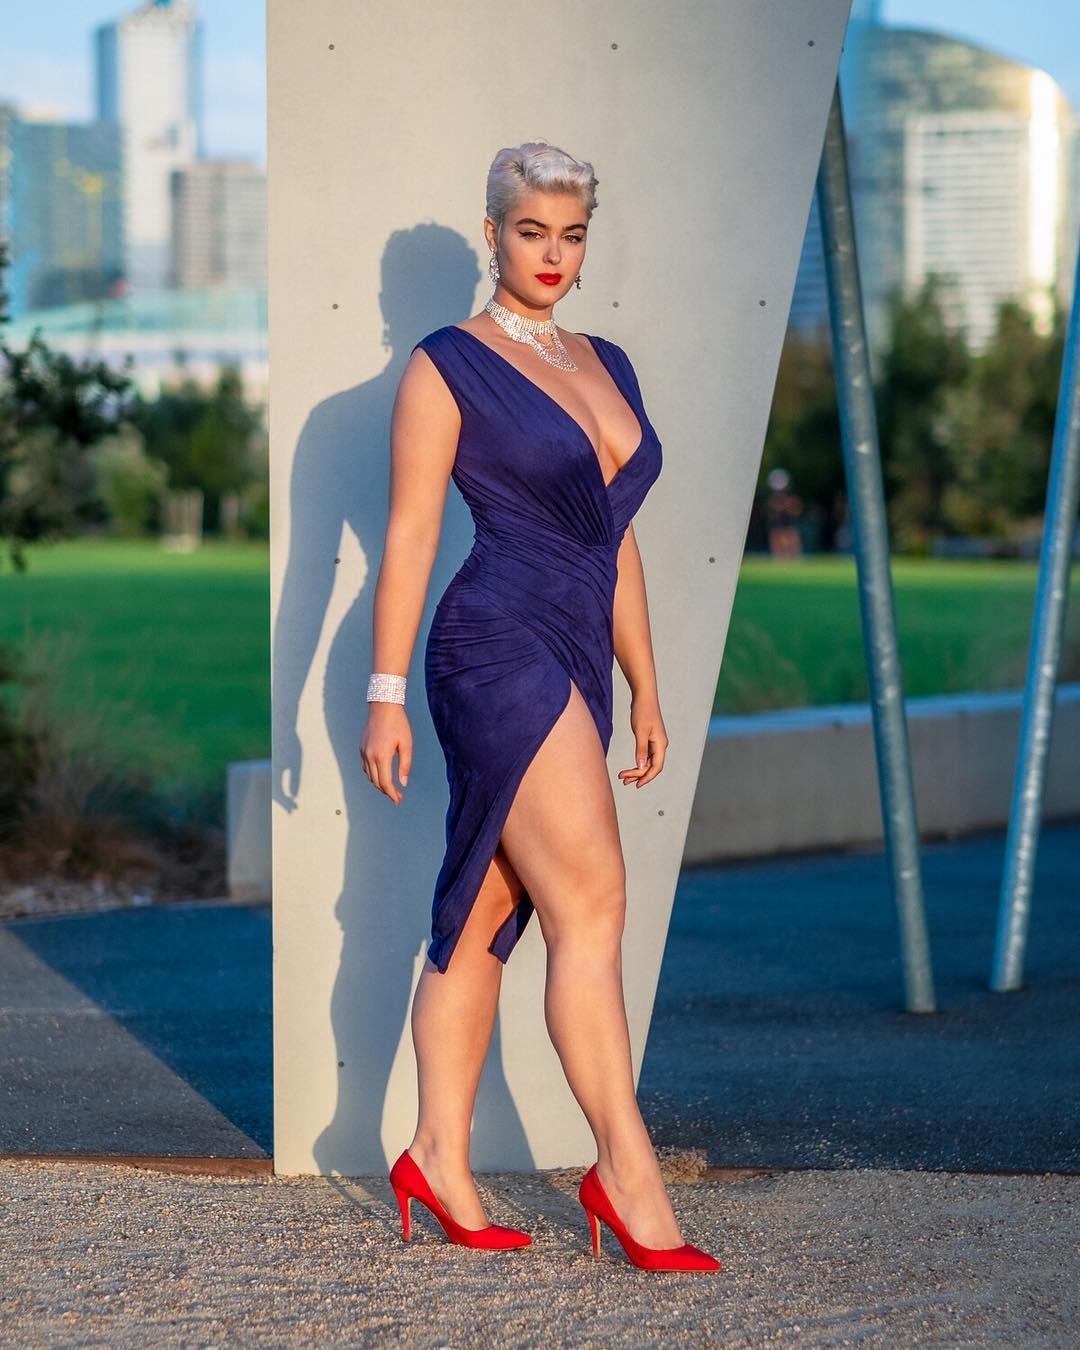 Австралийская модель «размер плюс» — Стефания Феррарио, разрушила стереотипы – она не худая, но выглядит потрясающе